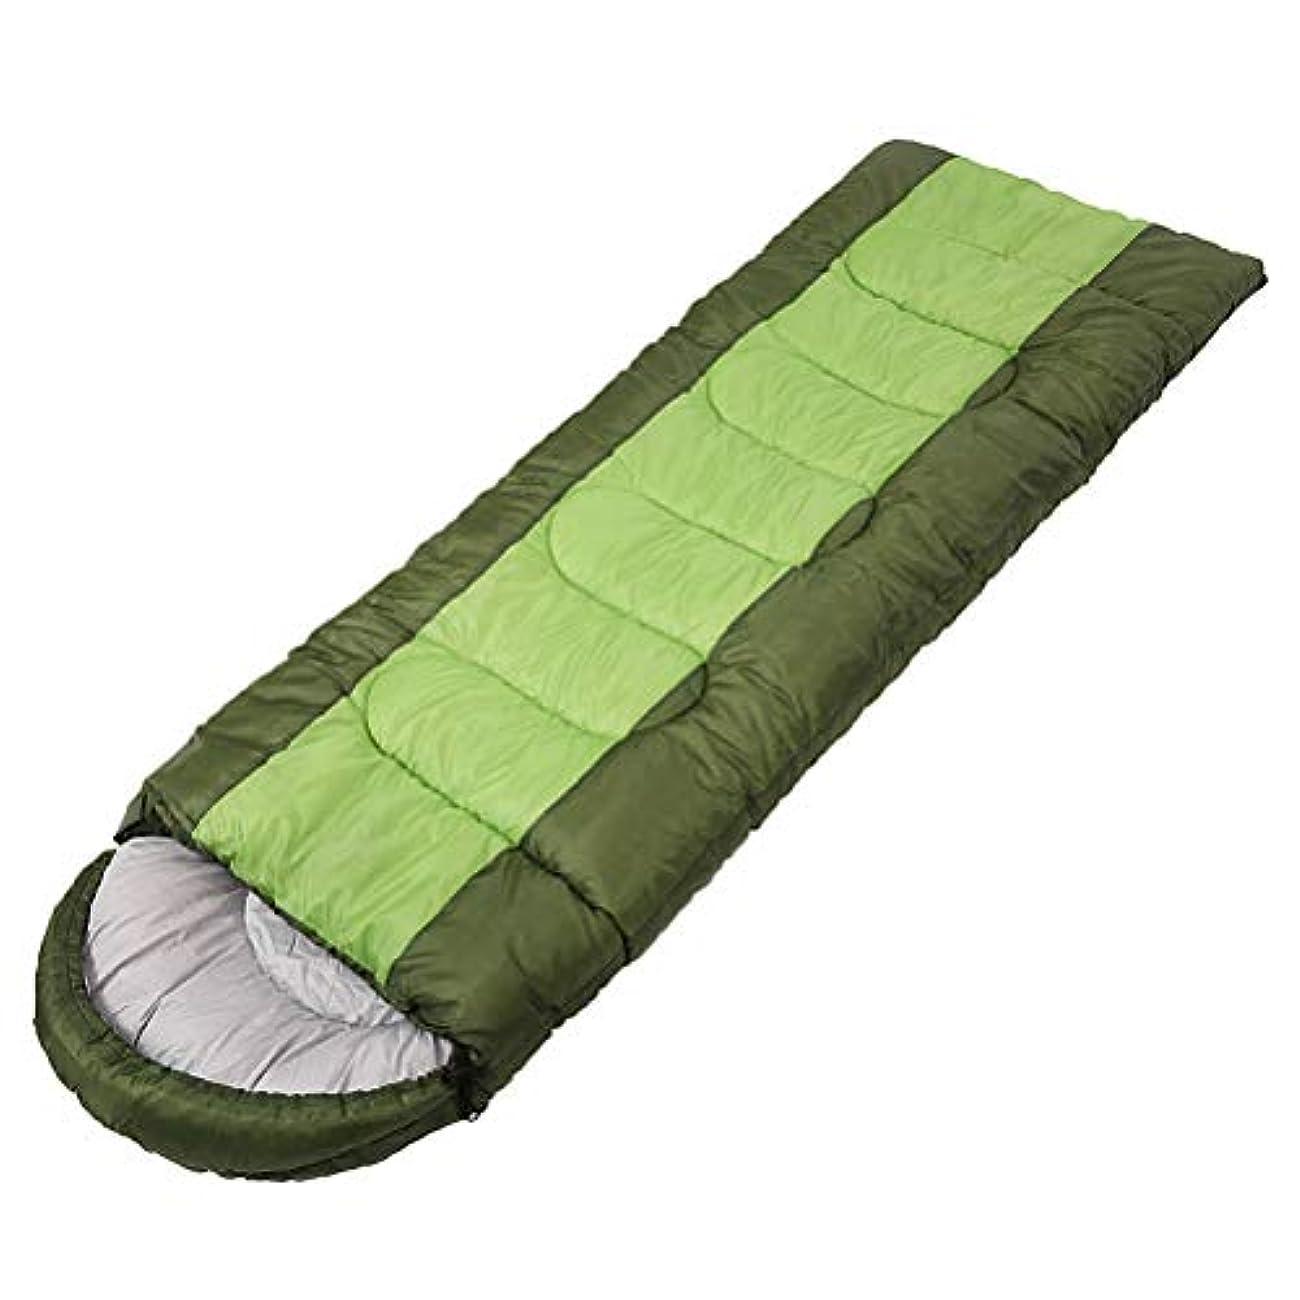 帝国主義型ピボット寝袋ポータブル3シーズンアウトドアハイキングキャンプツールギア、軽量圧縮袋で、二重寝袋に構成,キッズ男性女性シーズン用アウトドアハイキングキャンプツールギア